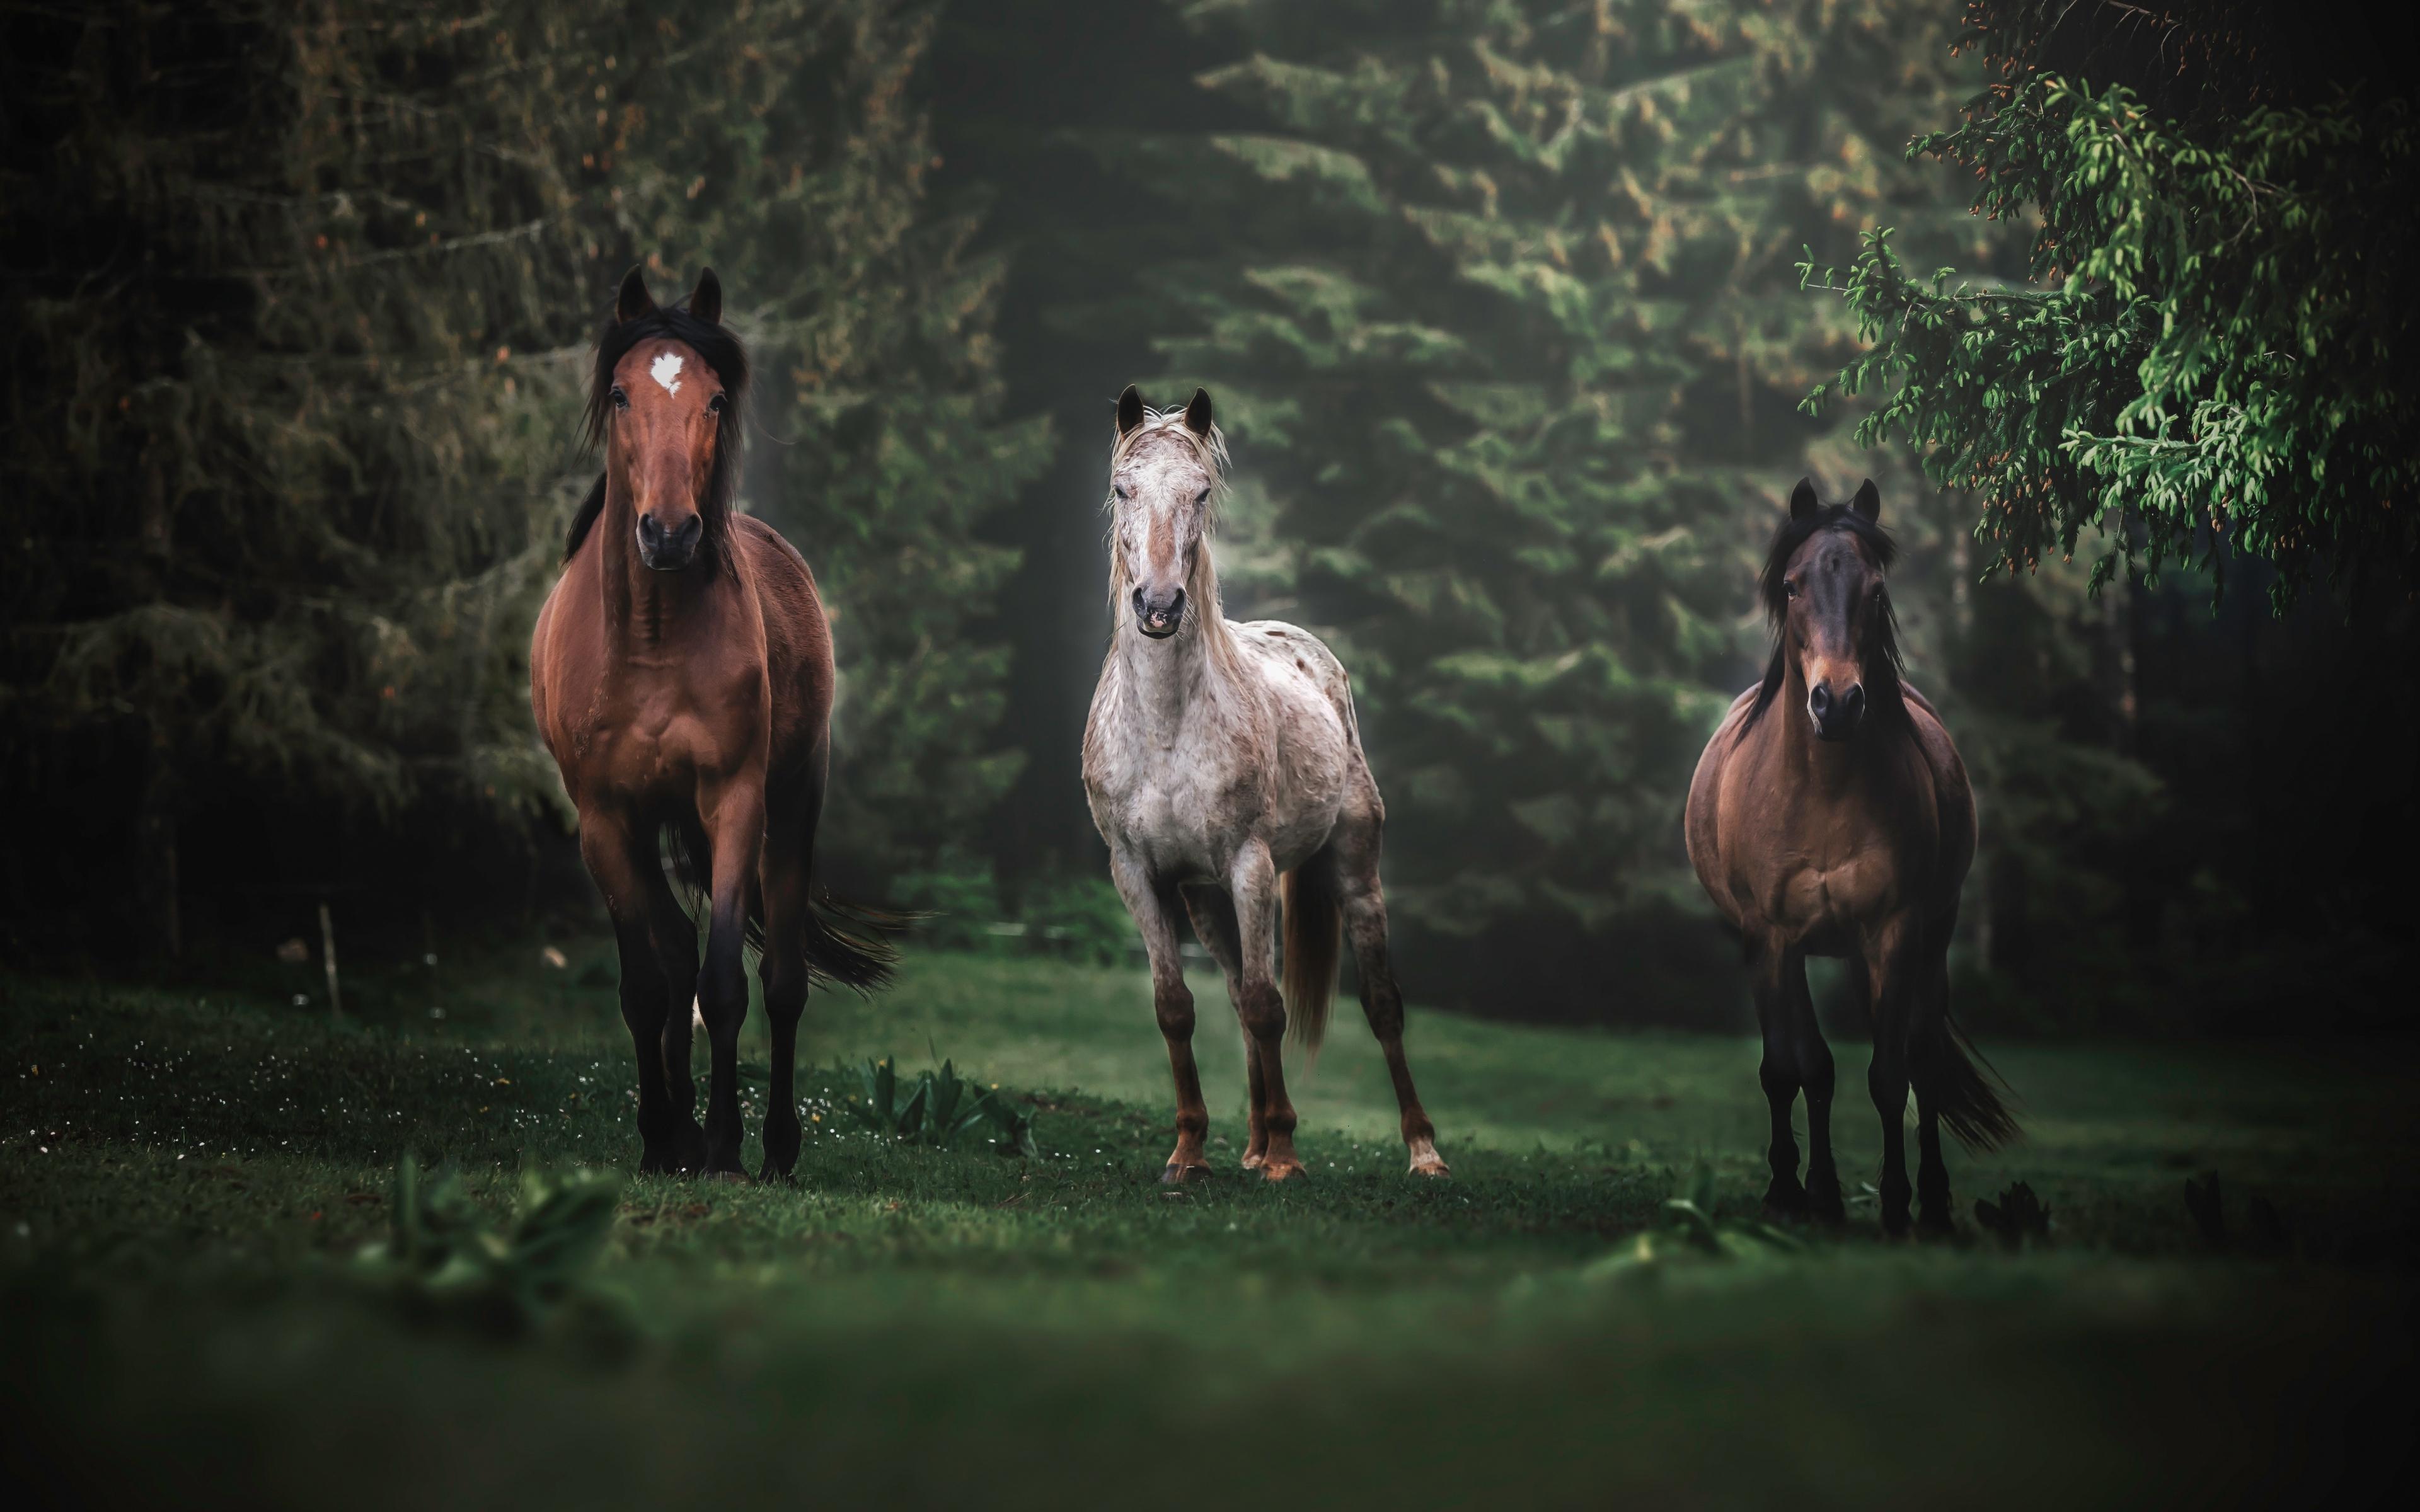 Download 3840x2400 Wallpaper Horses Animals Herd Run Portrait